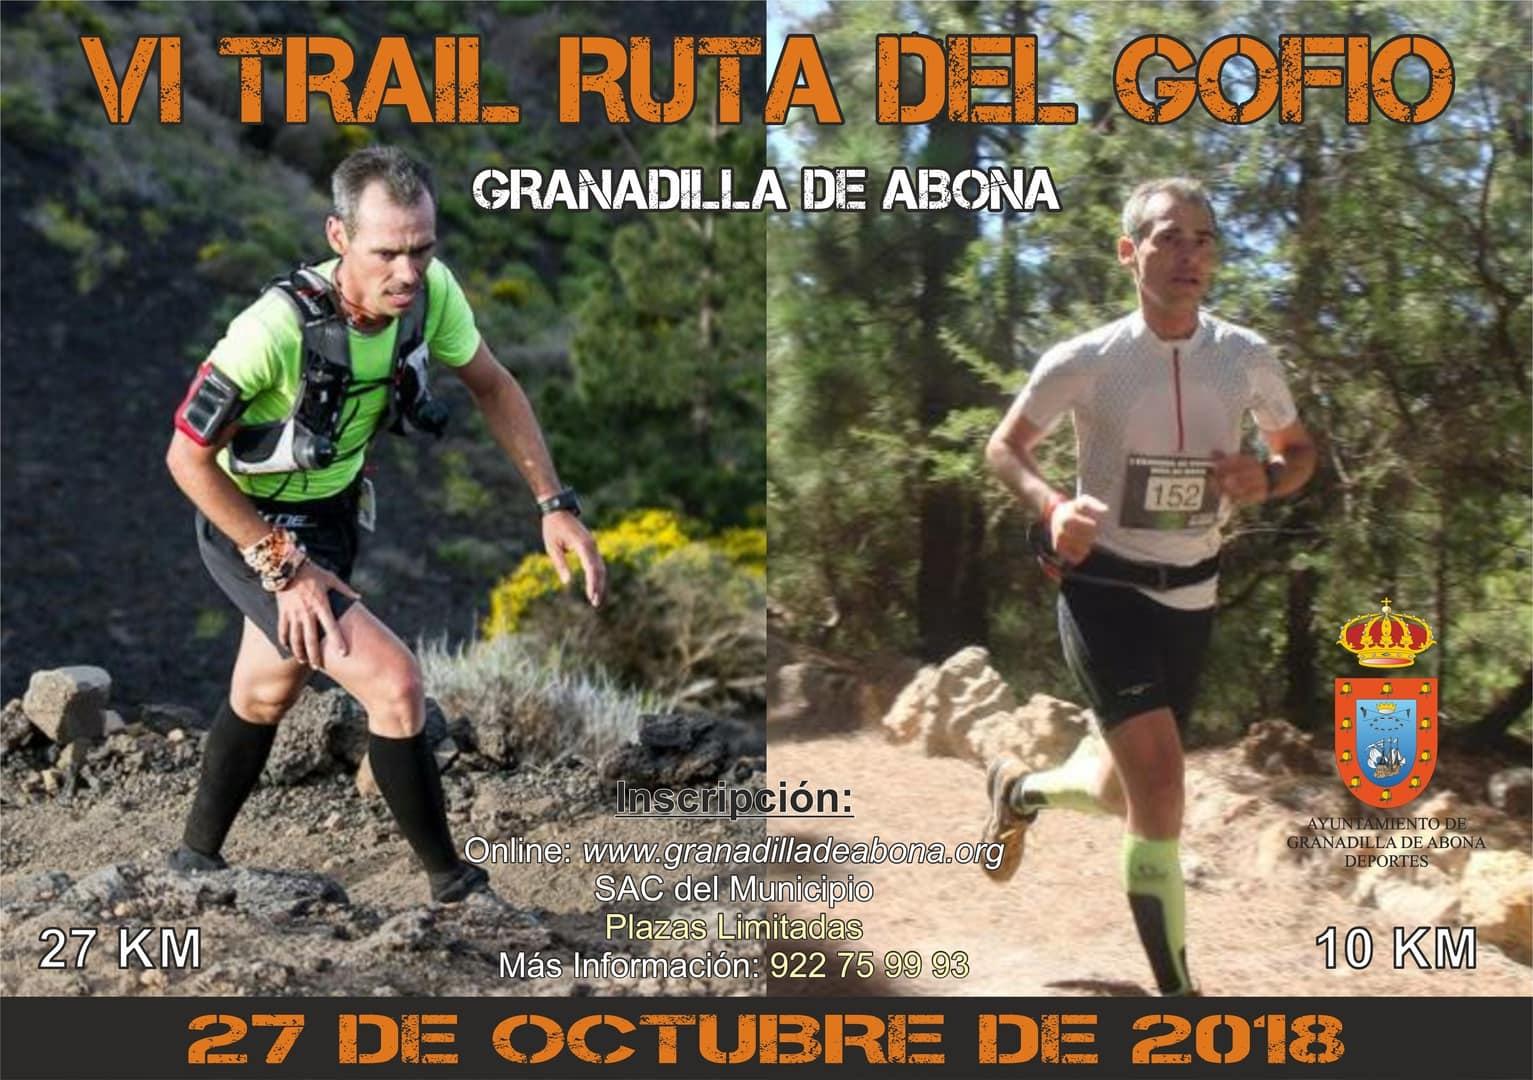 Inscripciones abiertas para participar en el 'VI Trail Ruta del Gofio de Granadilla de Abona' a celebrar el próximo 27 de octubre